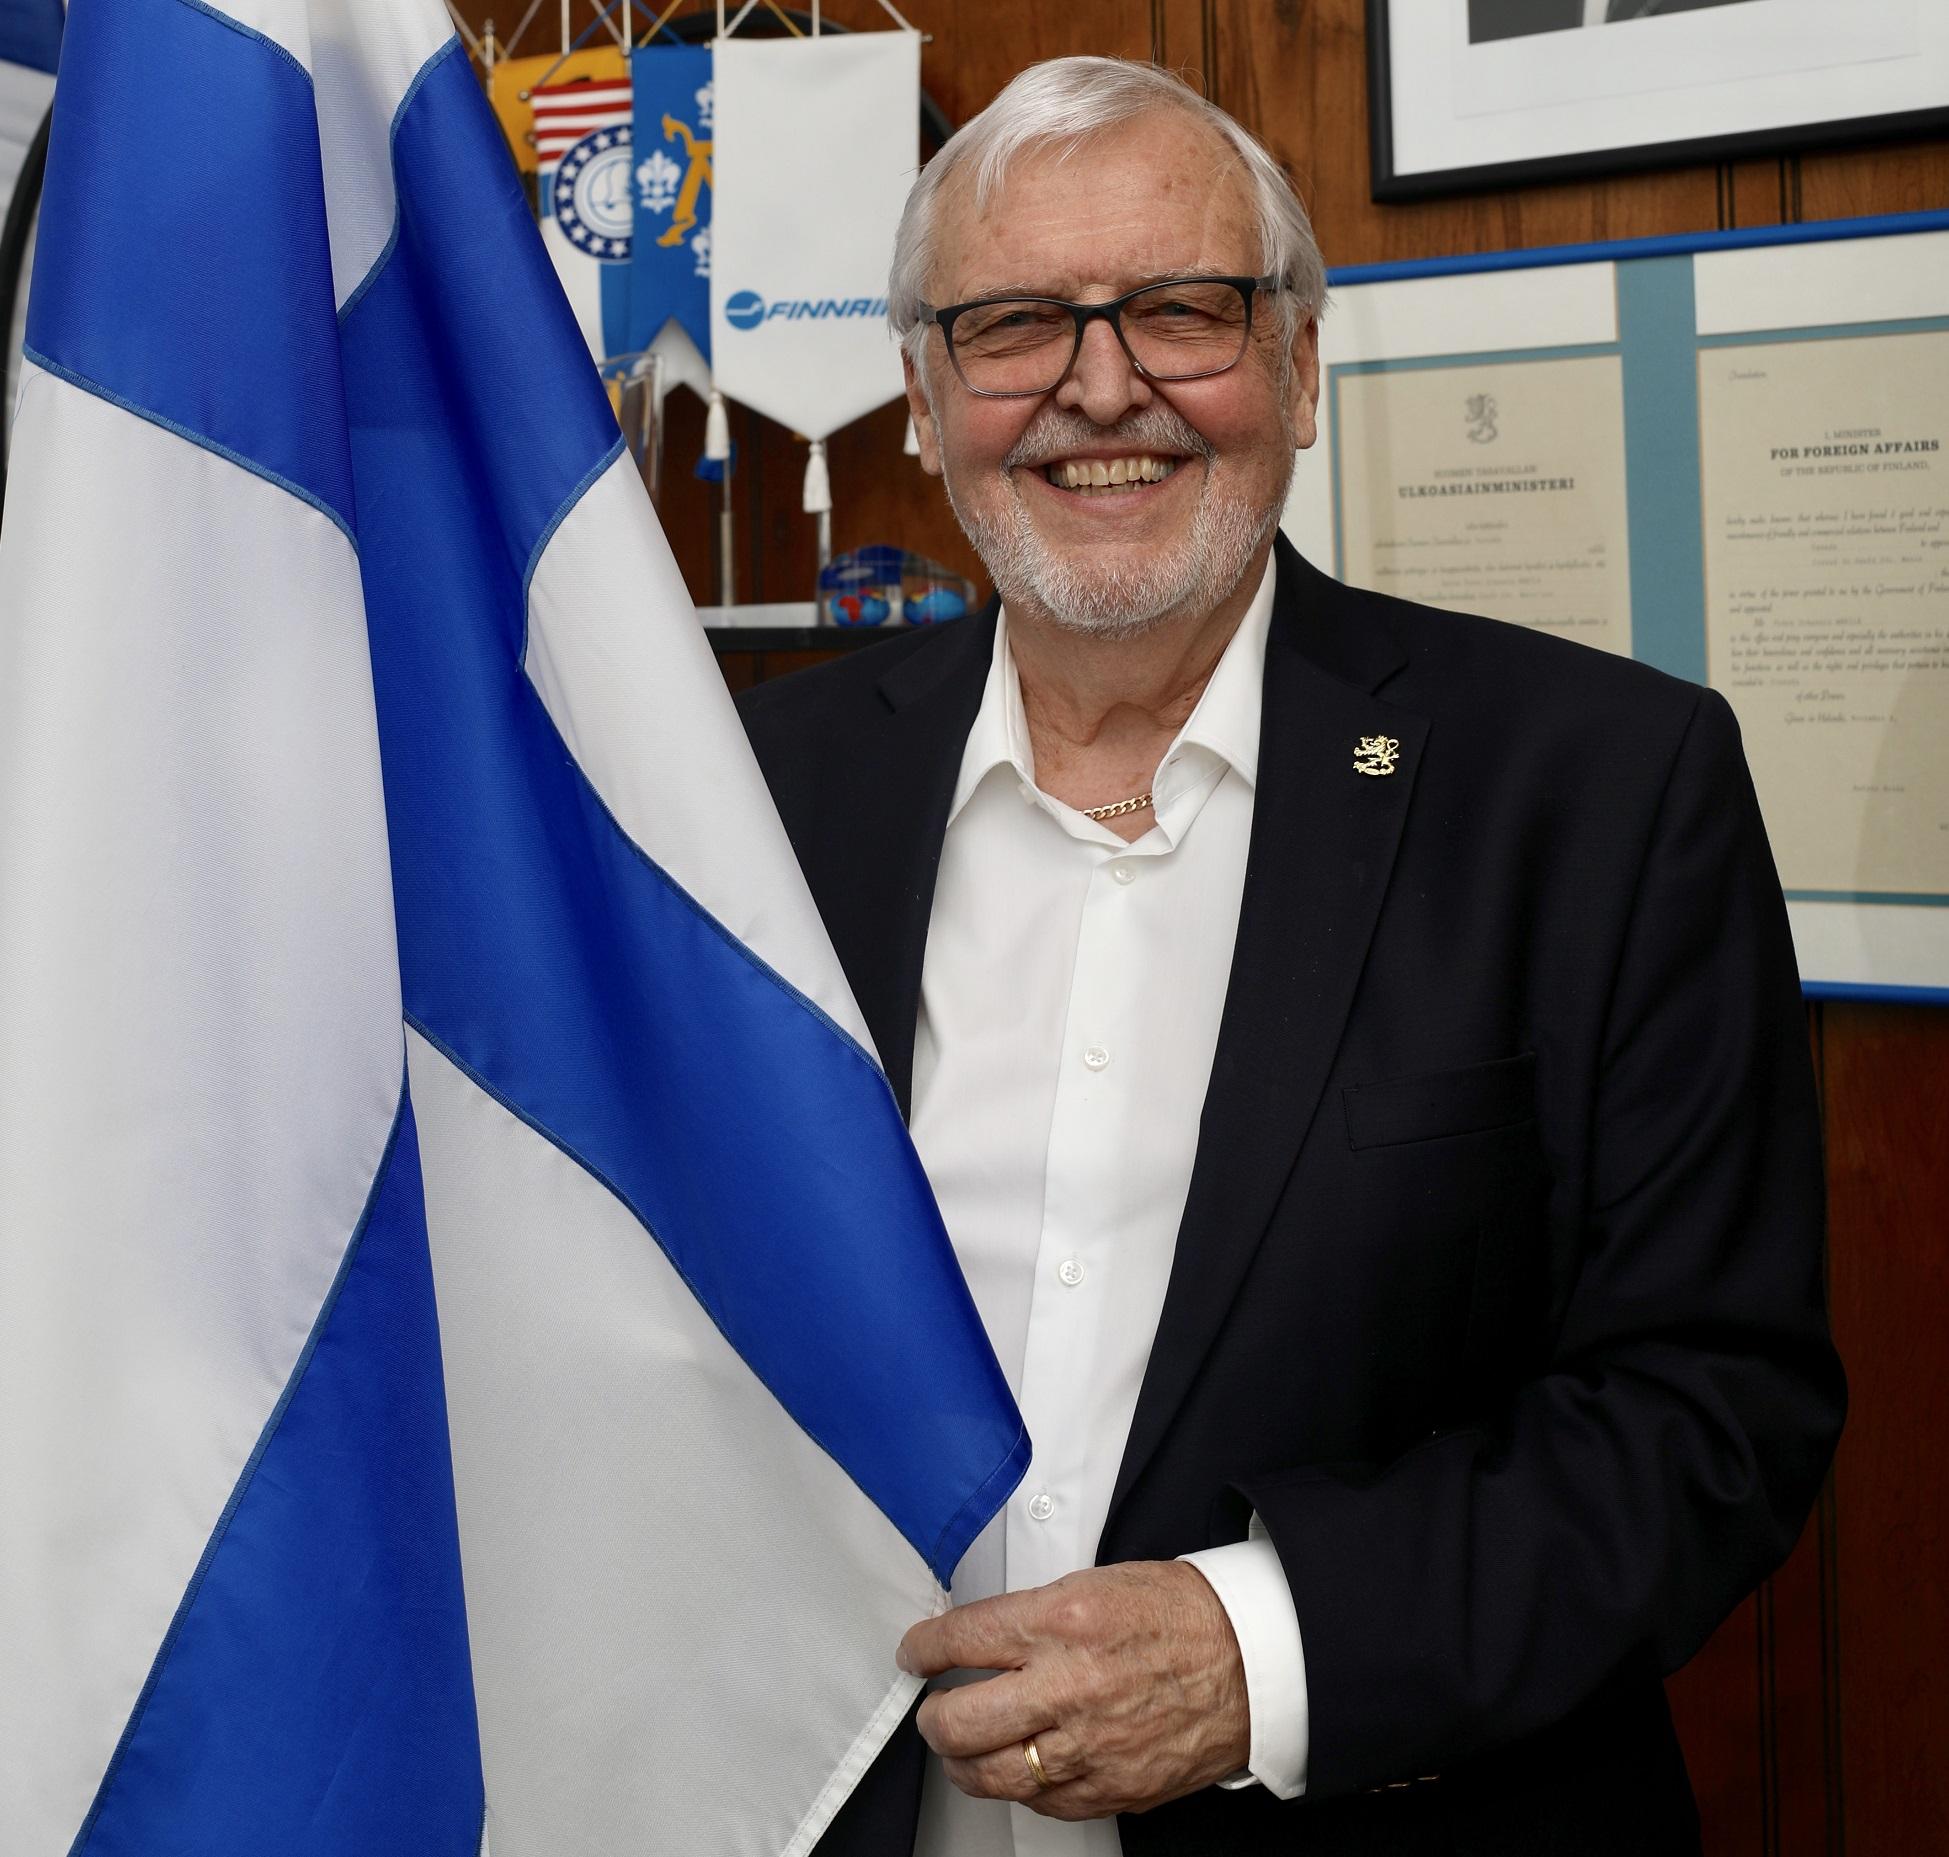 Peter Mäkilä pitää kädessään Suomen lippua